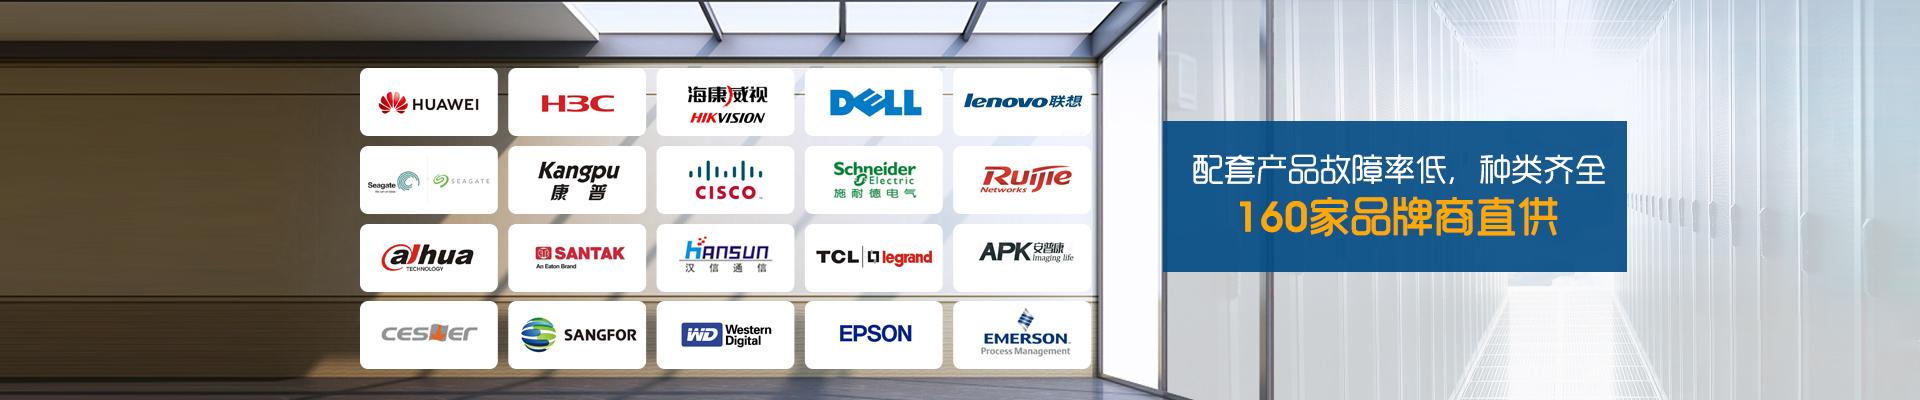 华思特-配套产品故障率低 种类齐全 160家品牌直供